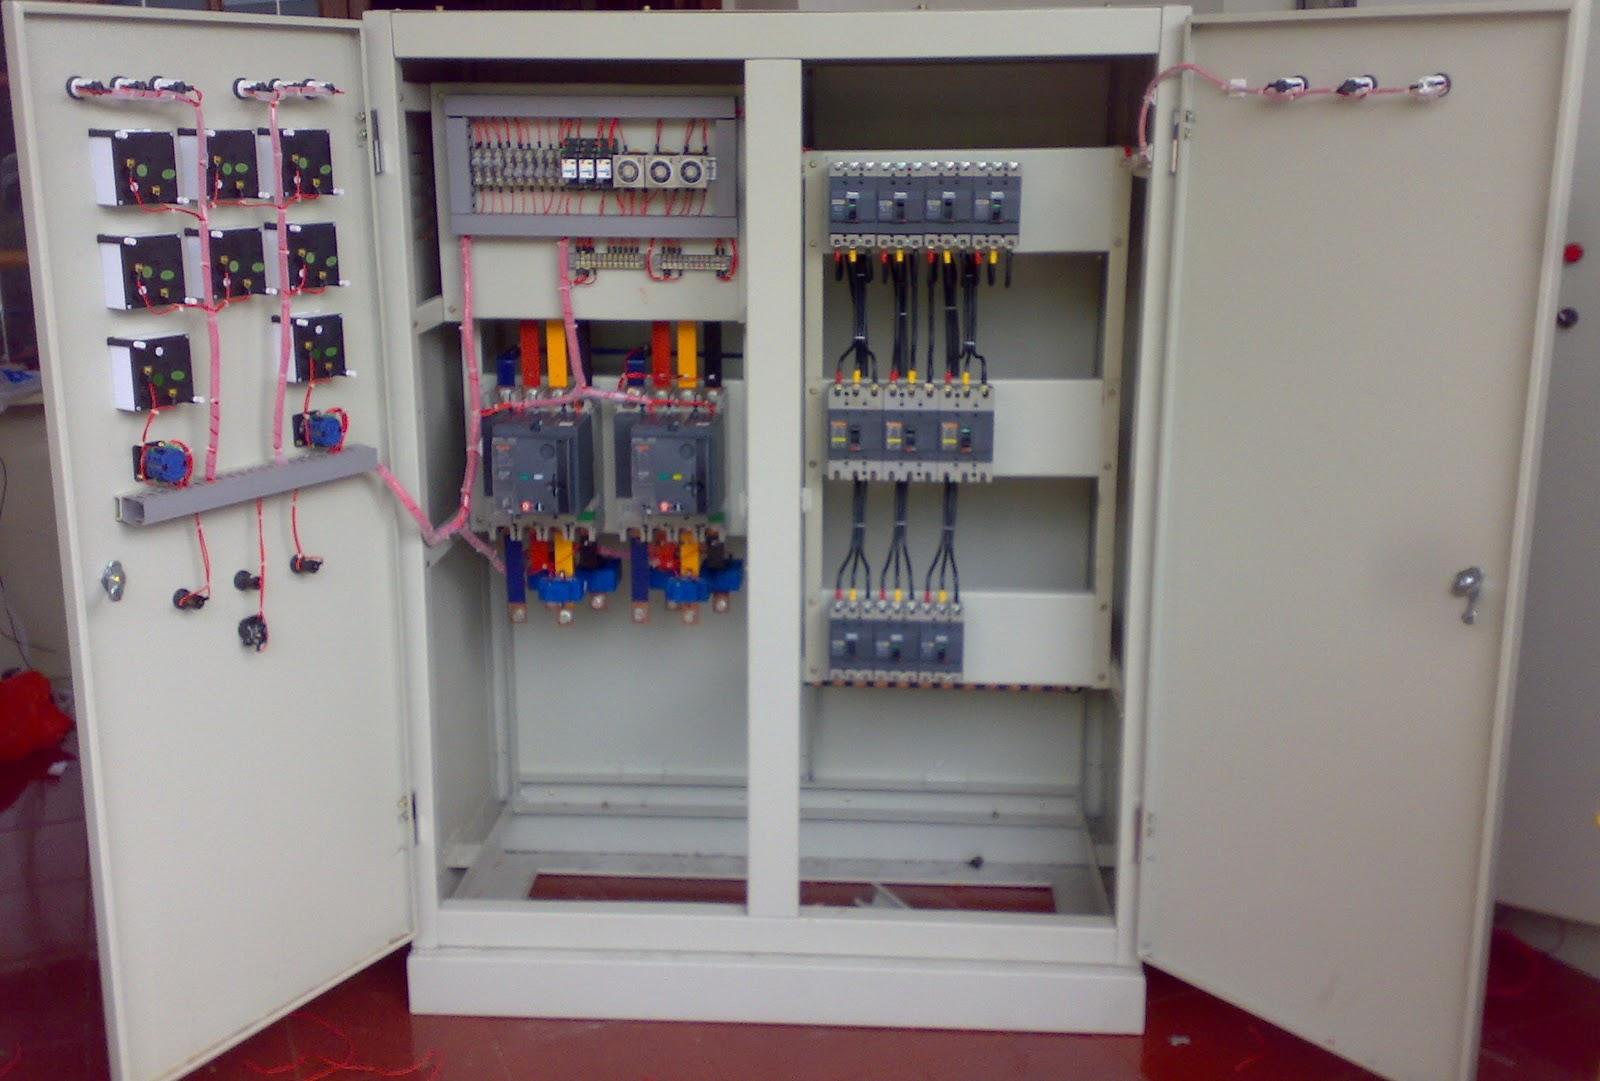 Pemilihan Jenis Modul Amf Automatic Main Failure Socomec Ats Wiring Diagram Panel 200kva Dengan Motorized Mccb Dan Lvmdp